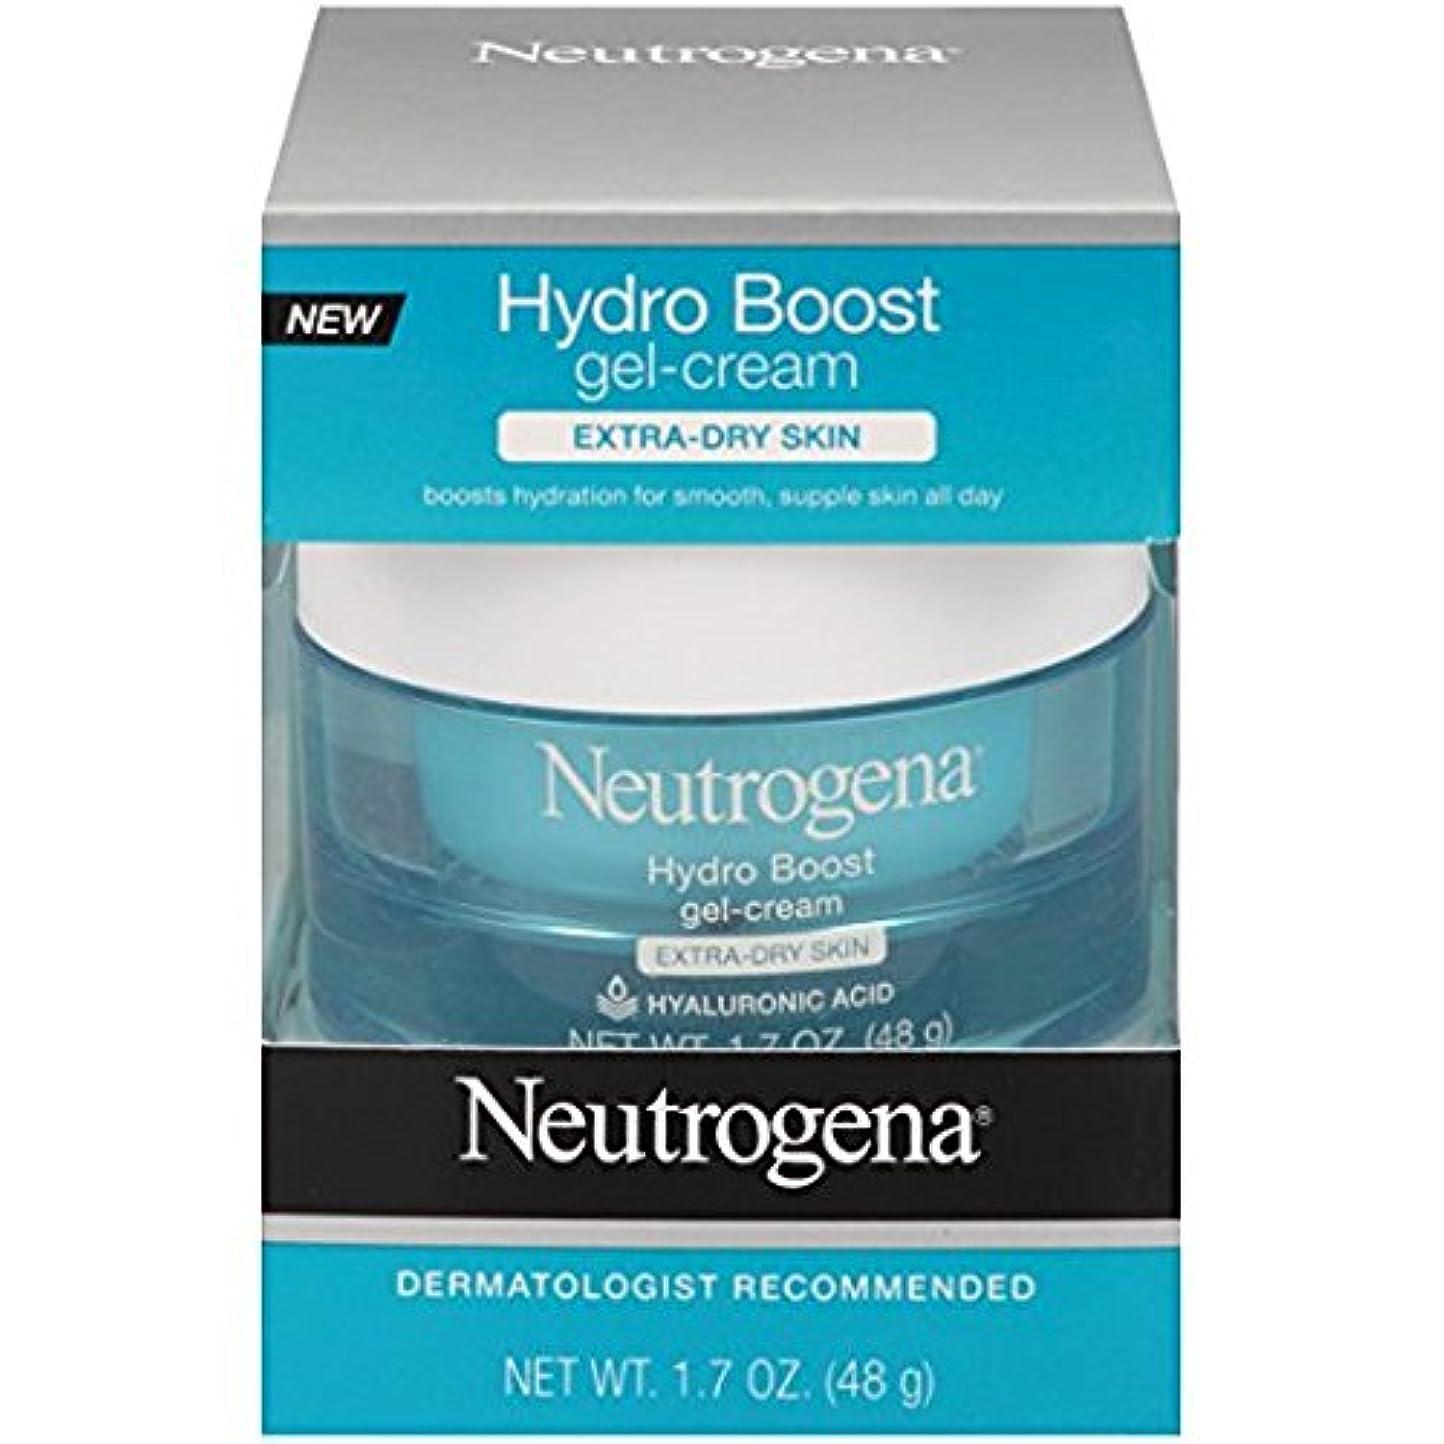 神何でも委任するNeutrogena Hydro Boost Water Gel 45g ニュートロジーナハイドロブーストウォータージェル エクストラドライスキン [並行輸入品]